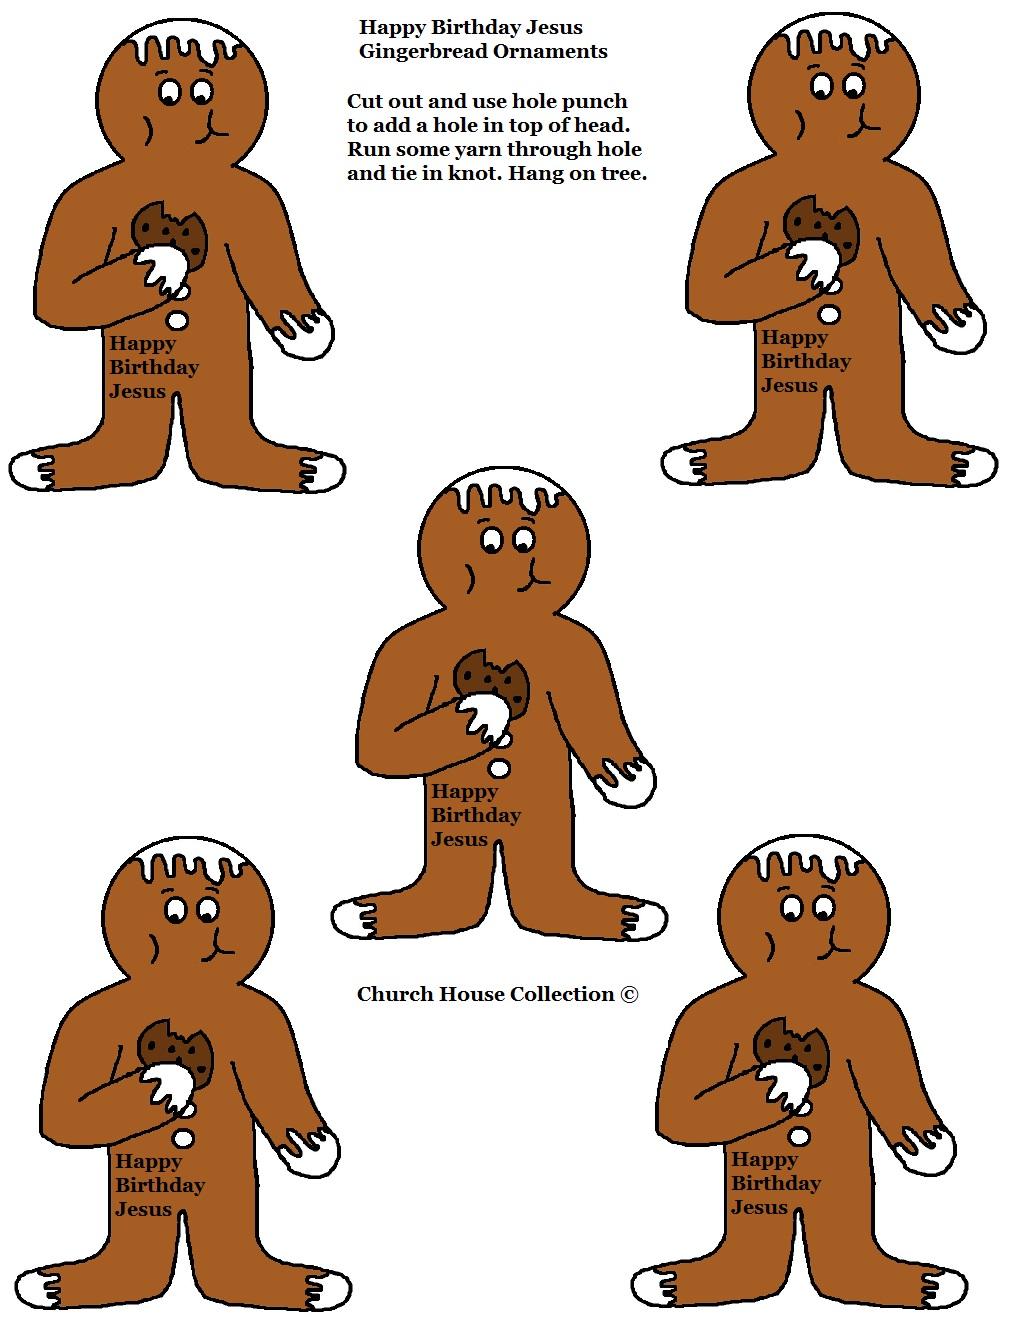 Gingerbread man ornaments - Gingerbread Ornament